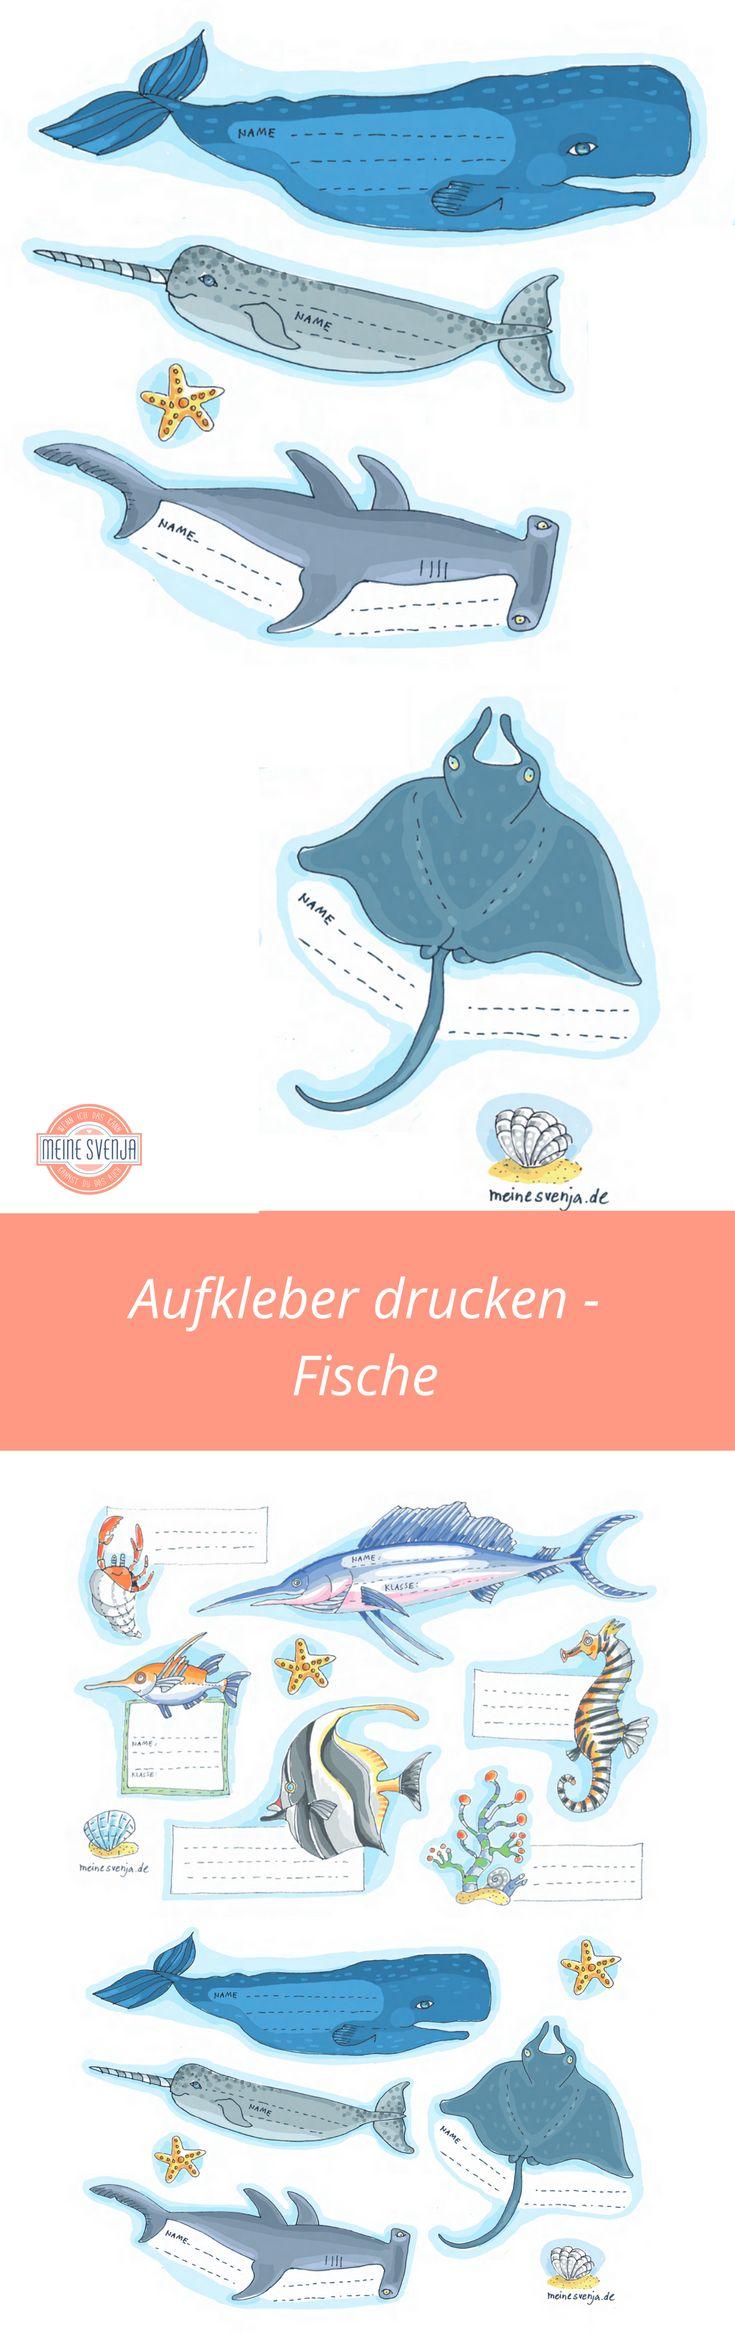 Malvorlagen kirschen pictures to pin on pinterest - Fische Zeichnung Aufkleber Drucken Als Kostenloser Download Fische Und Unterwasserwelten Als Heftetiketten Nutzen